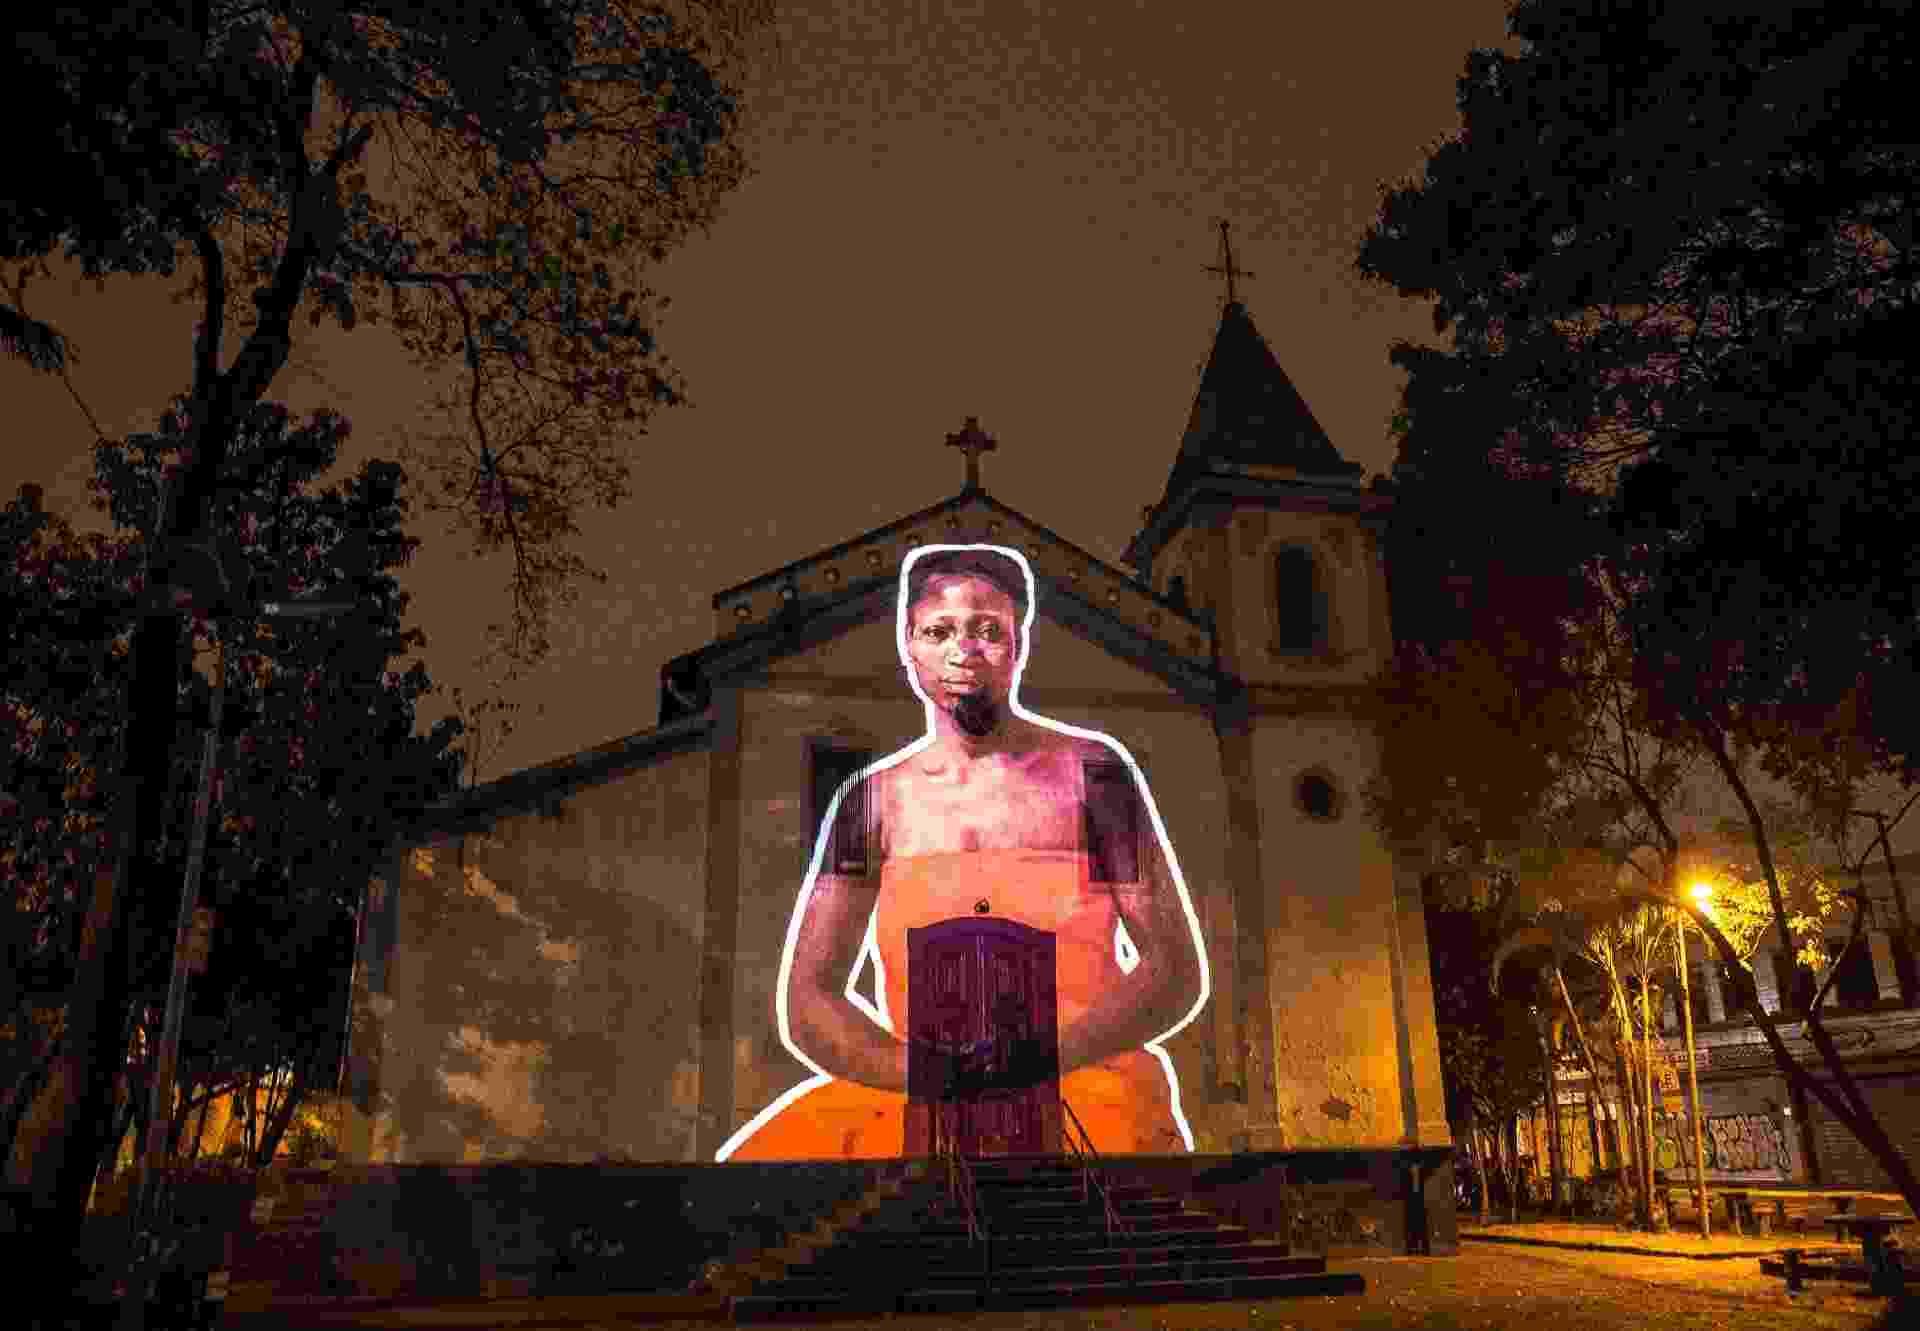 Parte do projeto 'Vozes contra o racismo', o Coletivo Coletores projetou a imagem da líder quilombola Tereza de Benguela na Igreja Rosário dos Homens Pretos da Penha, construída por negros escravizados - Divulgação/Coletivo Coletores